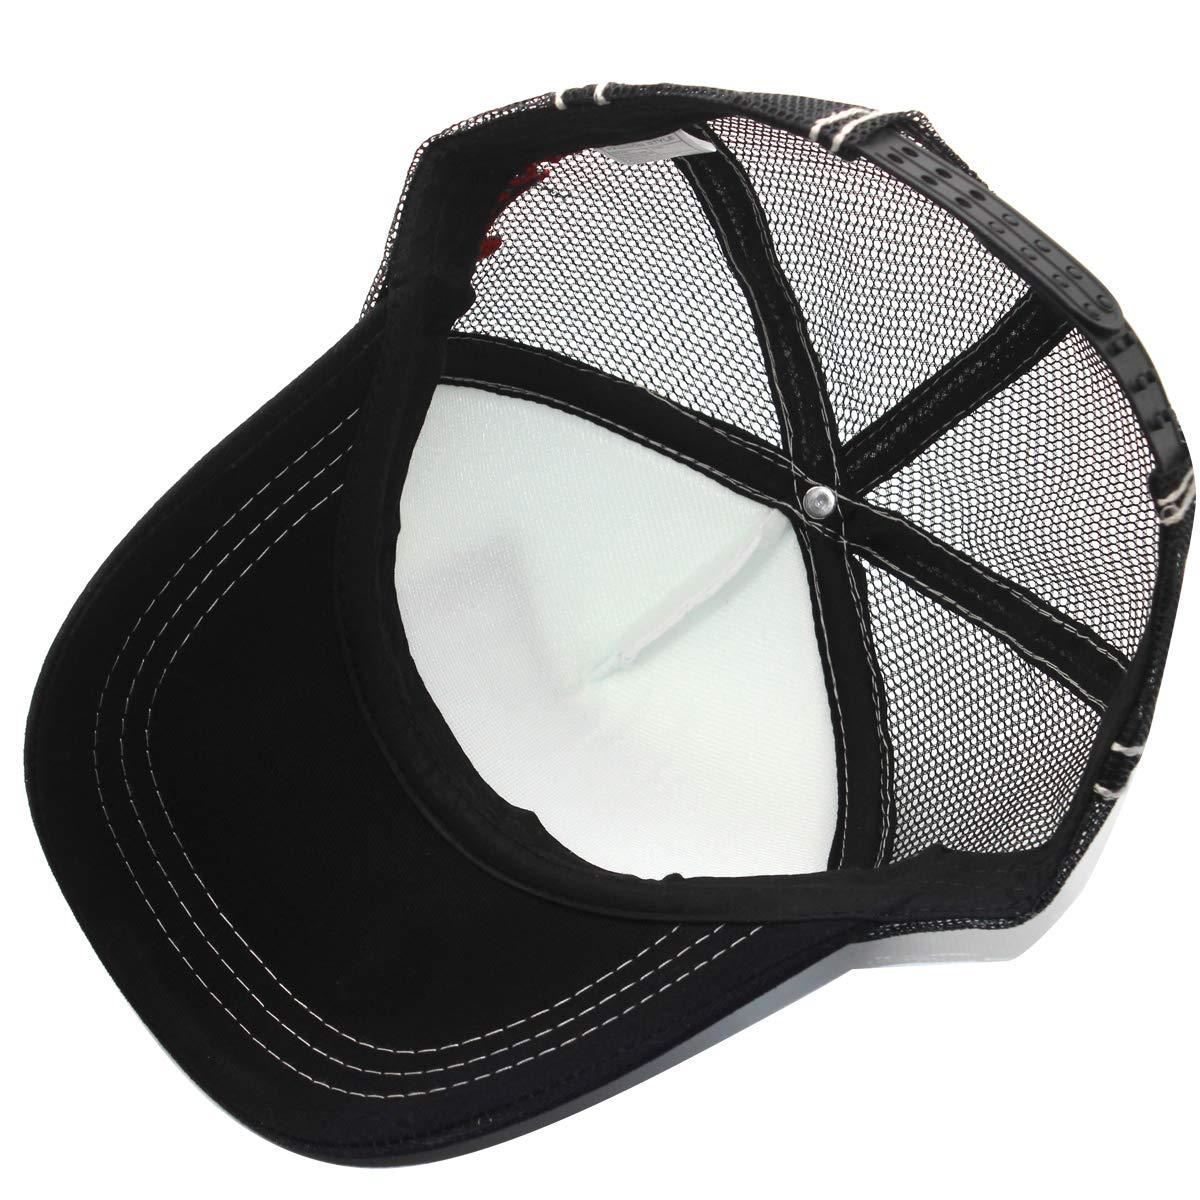 9583913a2038 Amazon | XsFirecow メッシュキャップ 帽子 ランニング ジョギング ウォーキング (ブラック) | 帽子 通販